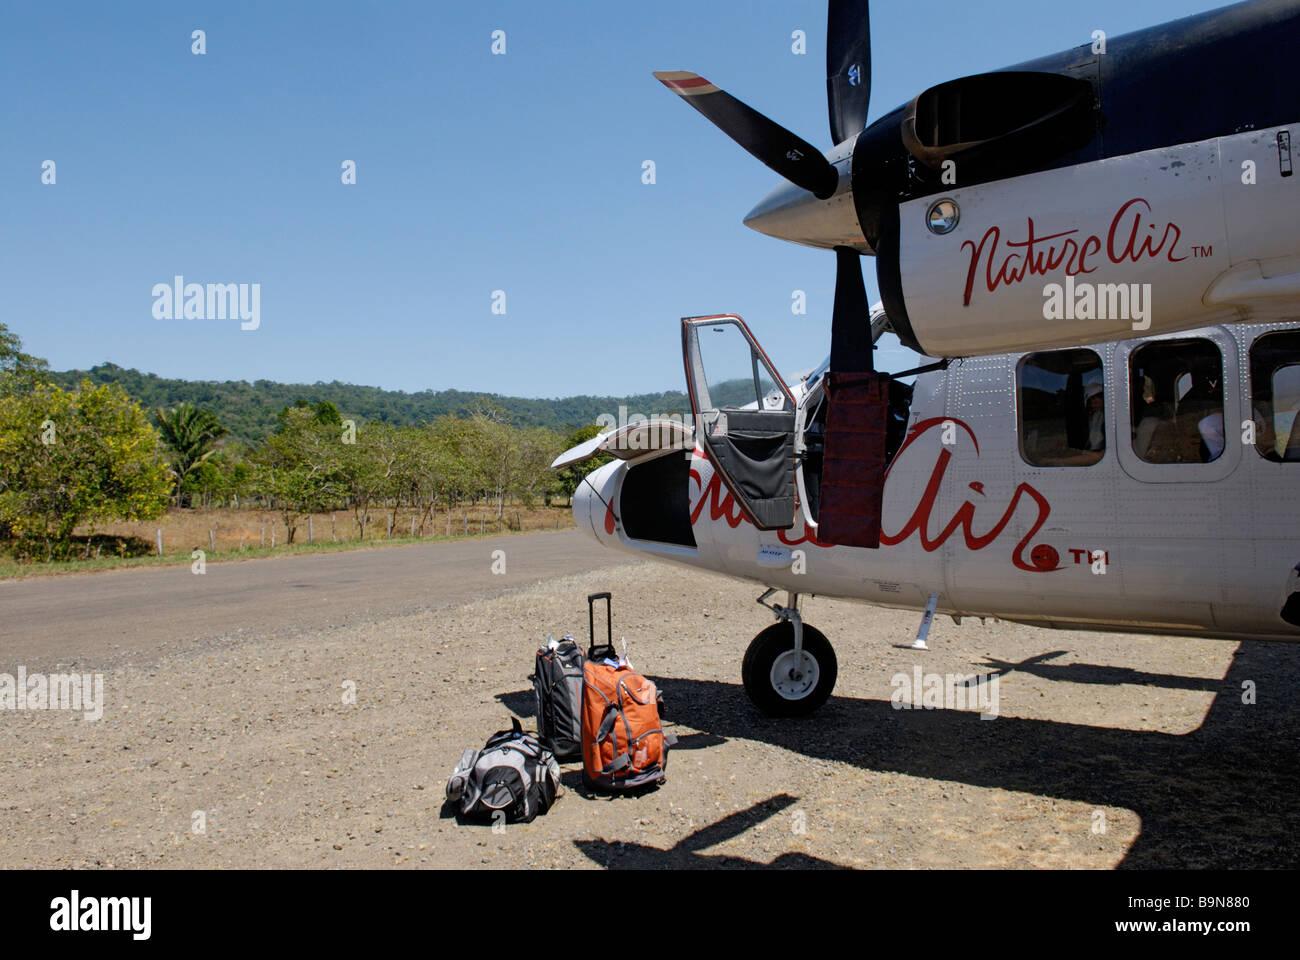 Kleinen Nature Air-Propeller-Flugzeug auf der Piste, Drake Bay, Costa Rica. Stockbild